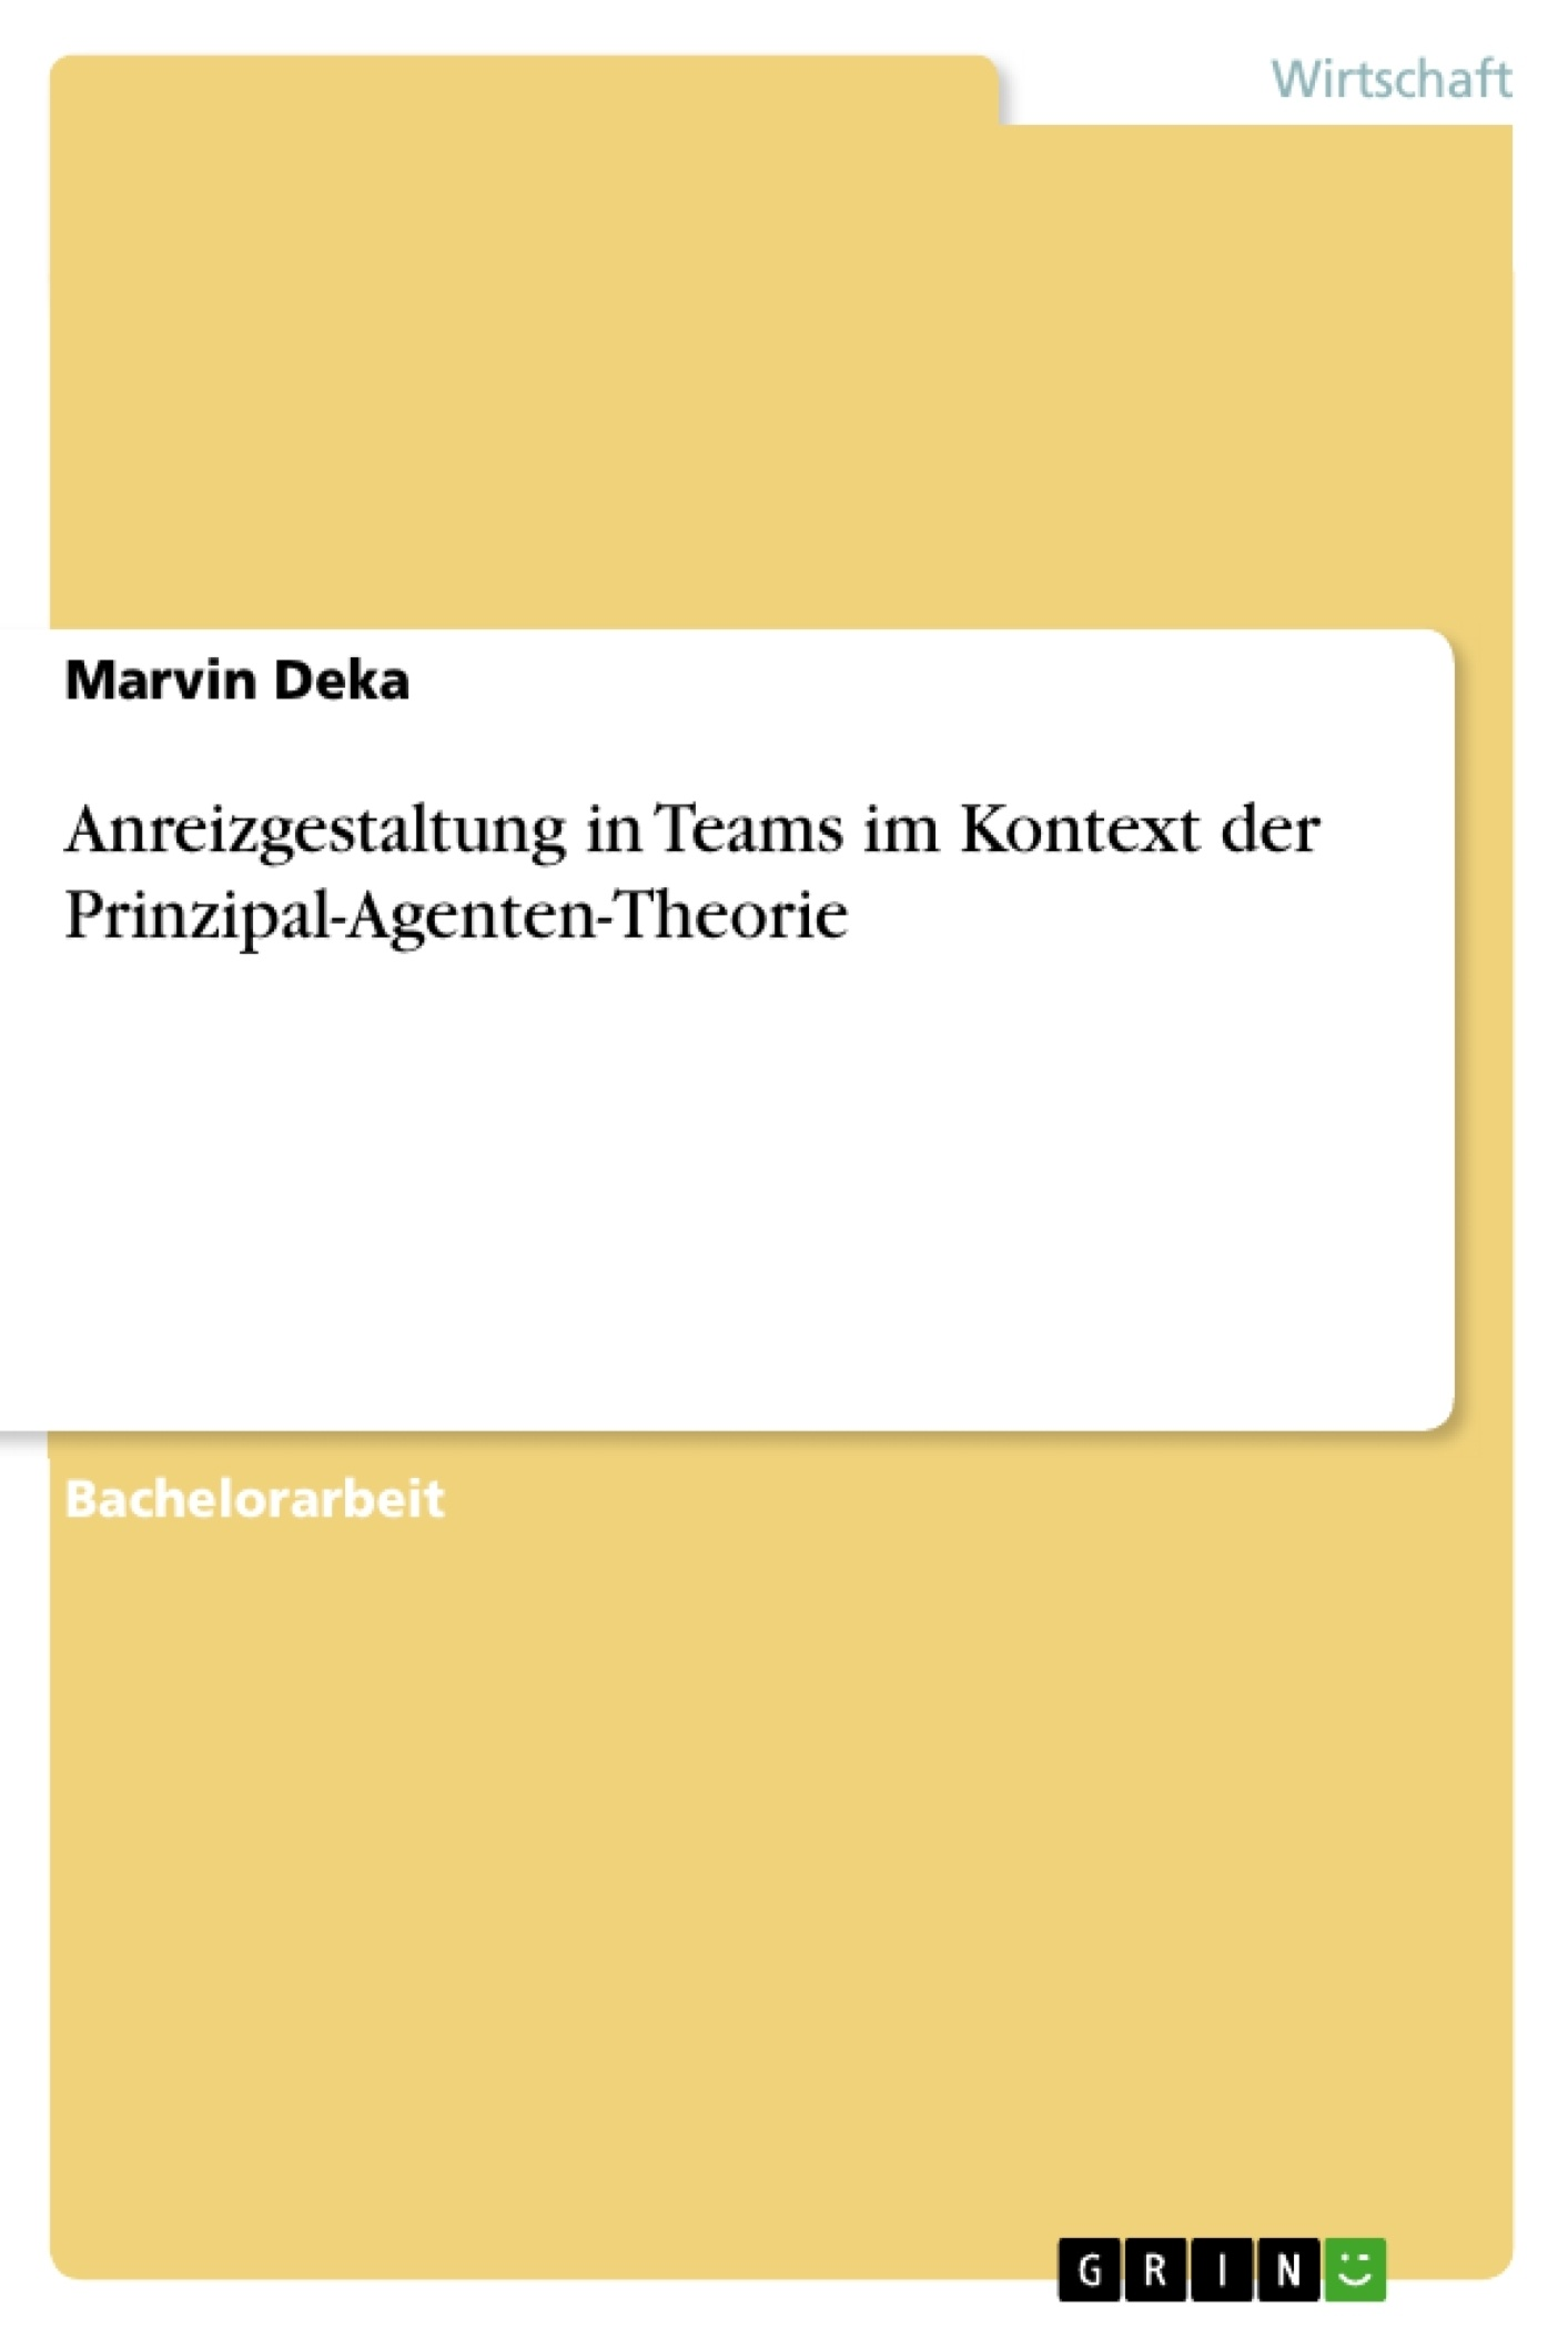 Titel: Anreizgestaltung in Teams im Kontext der Prinzipal-Agenten-Theorie